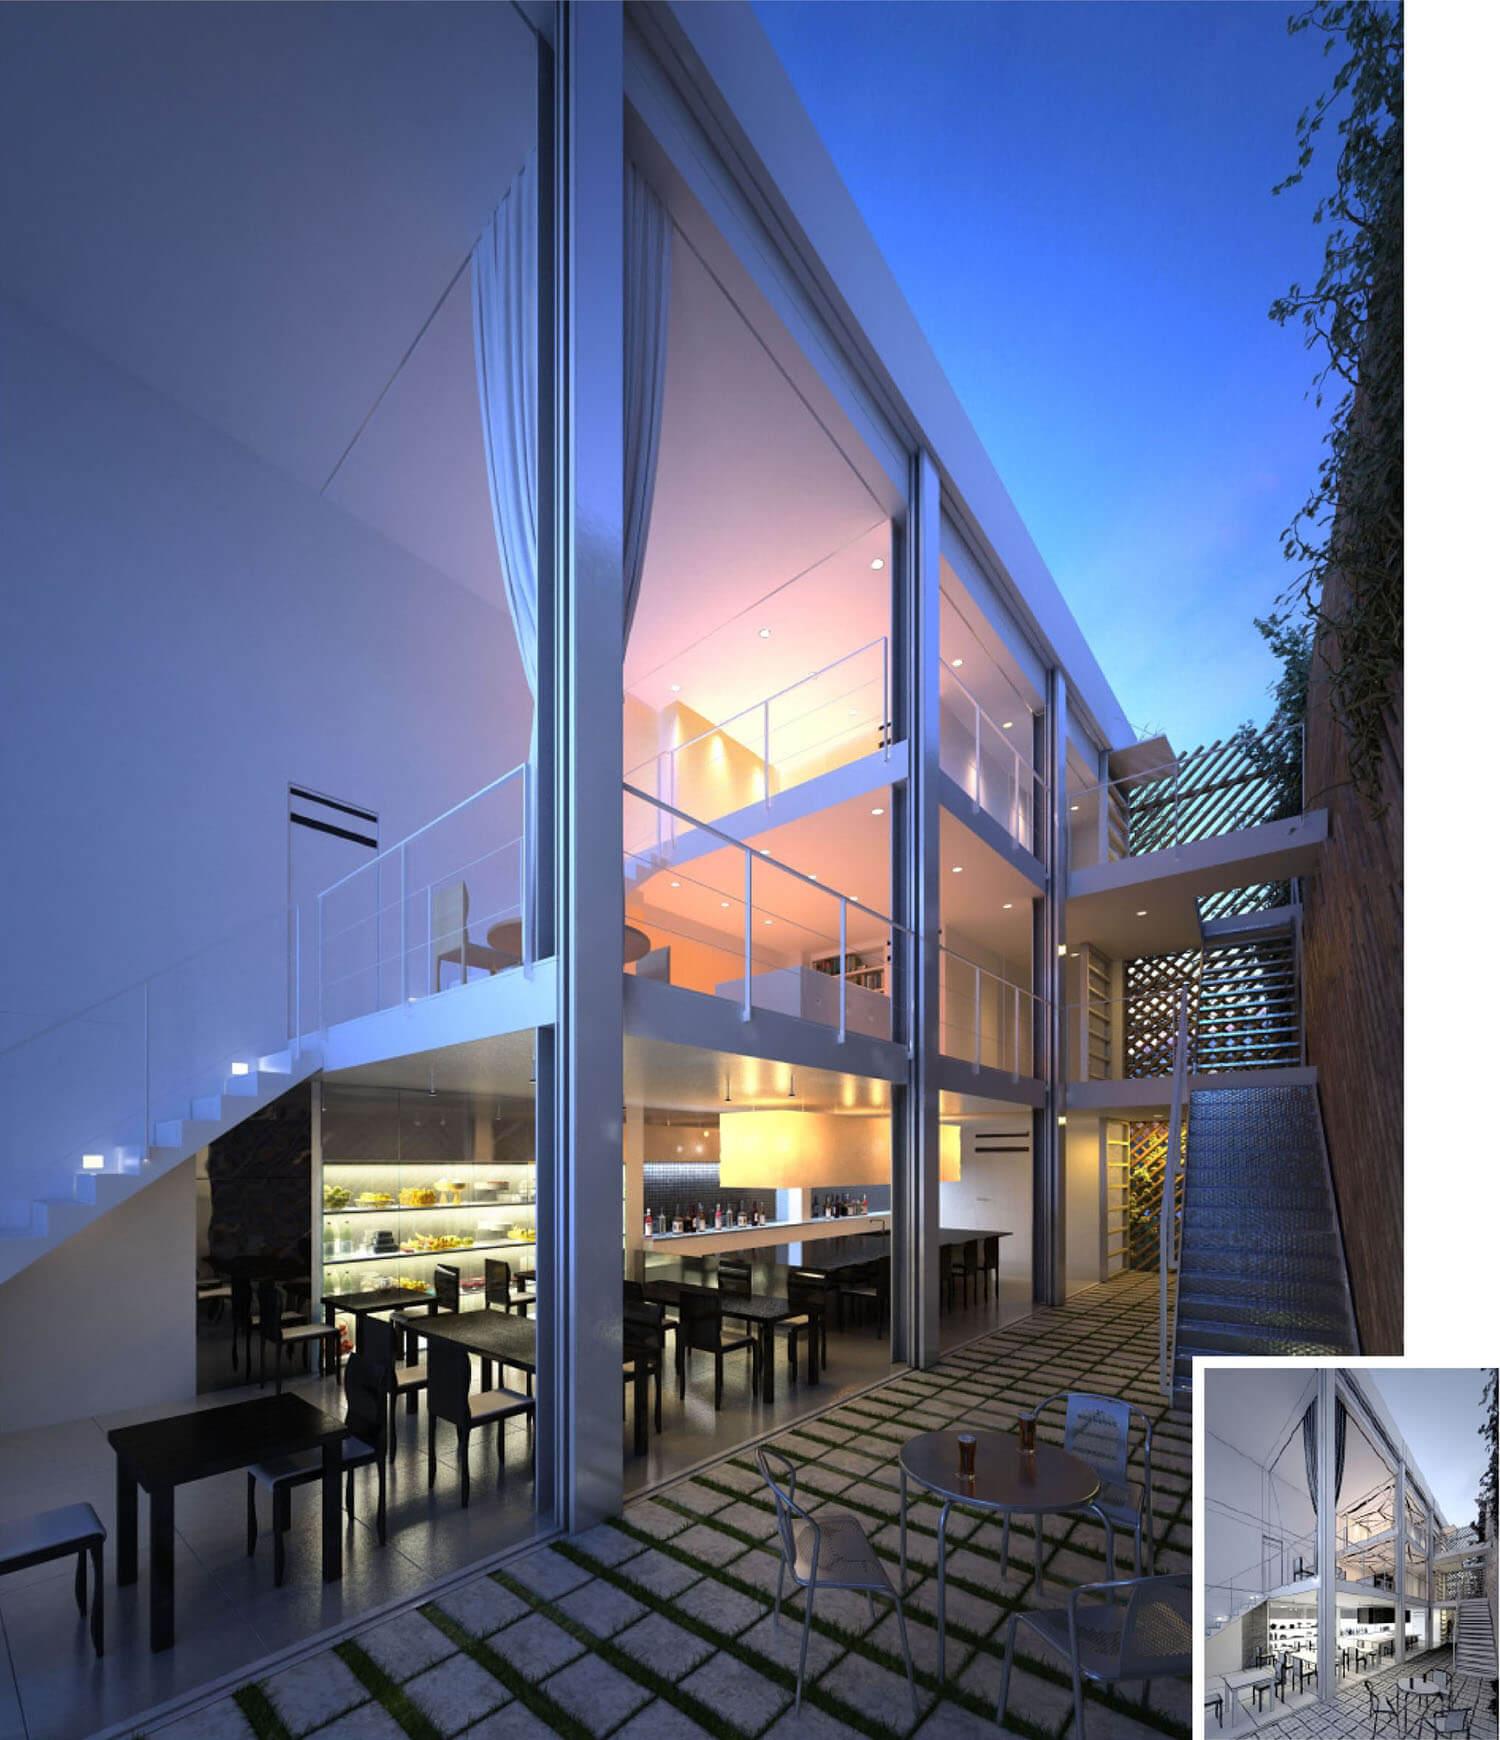 Thiết kế cafe nhà hàng dạng bậc thang cùng lan can kính ấn tượng